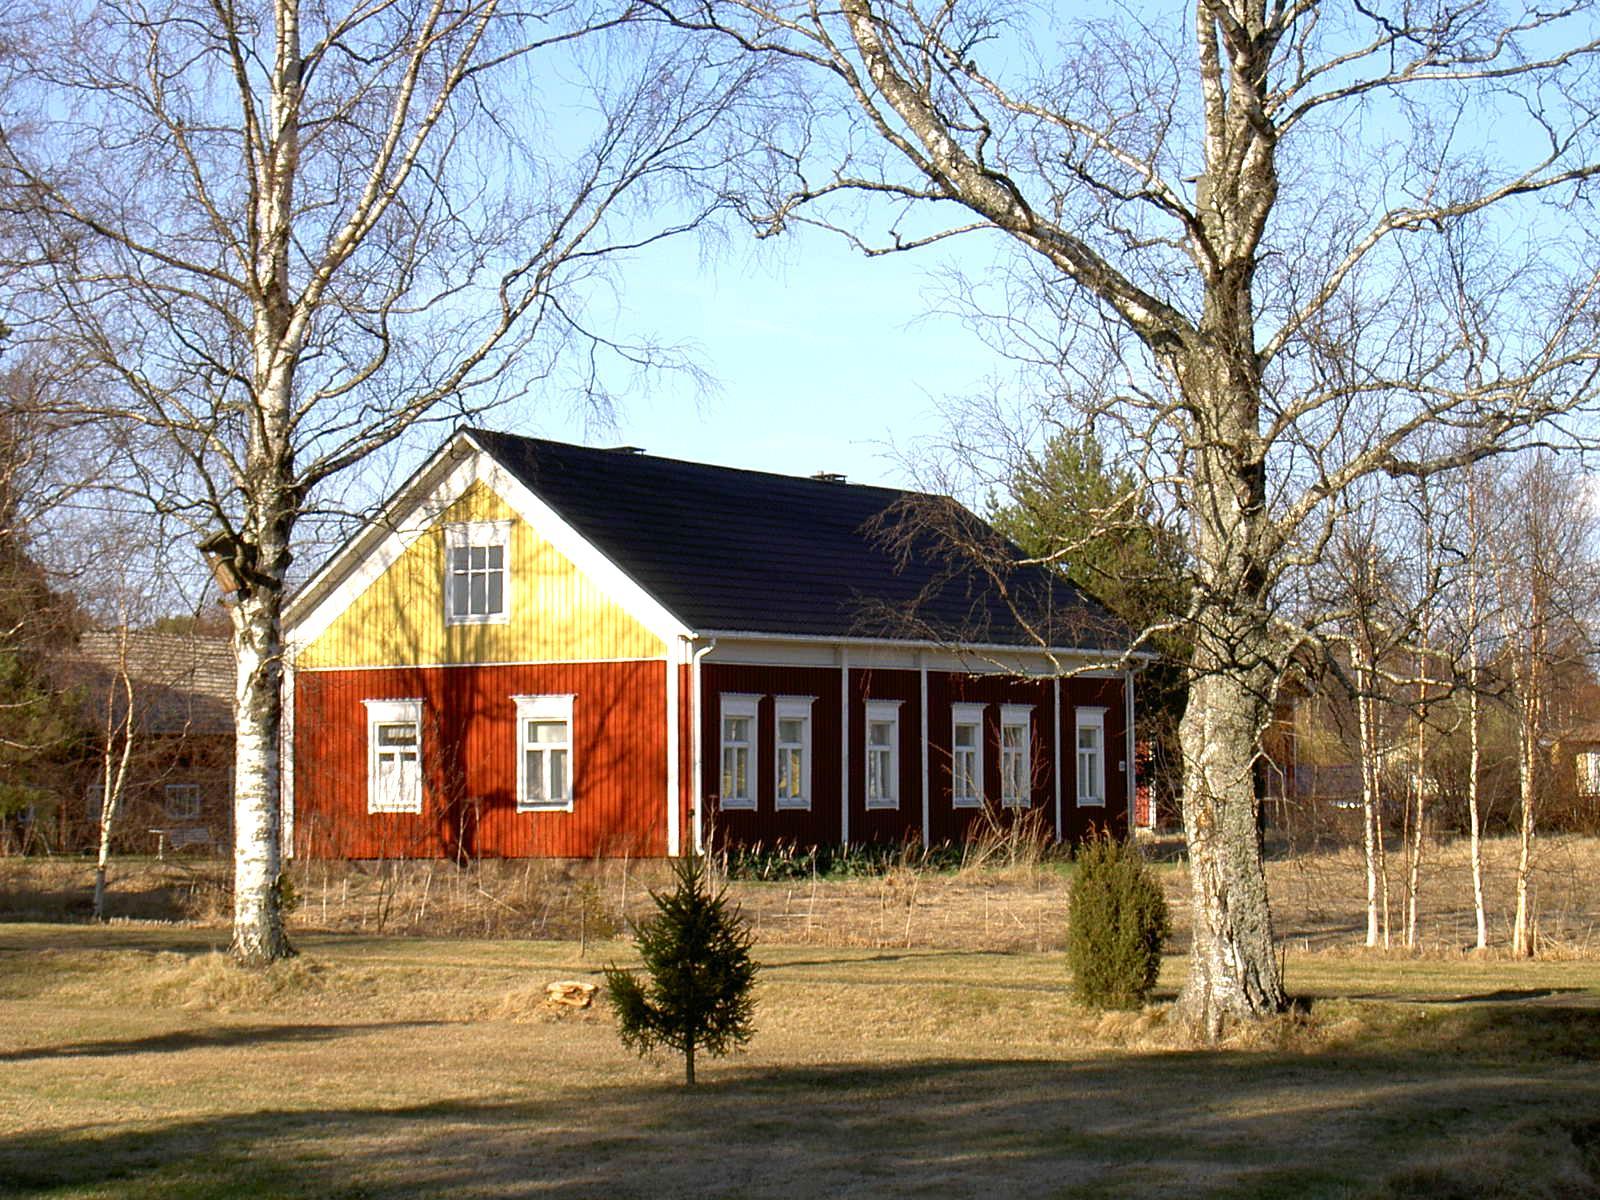 Så här såg Nyströms gård ut på våren i början på 2000-talet.